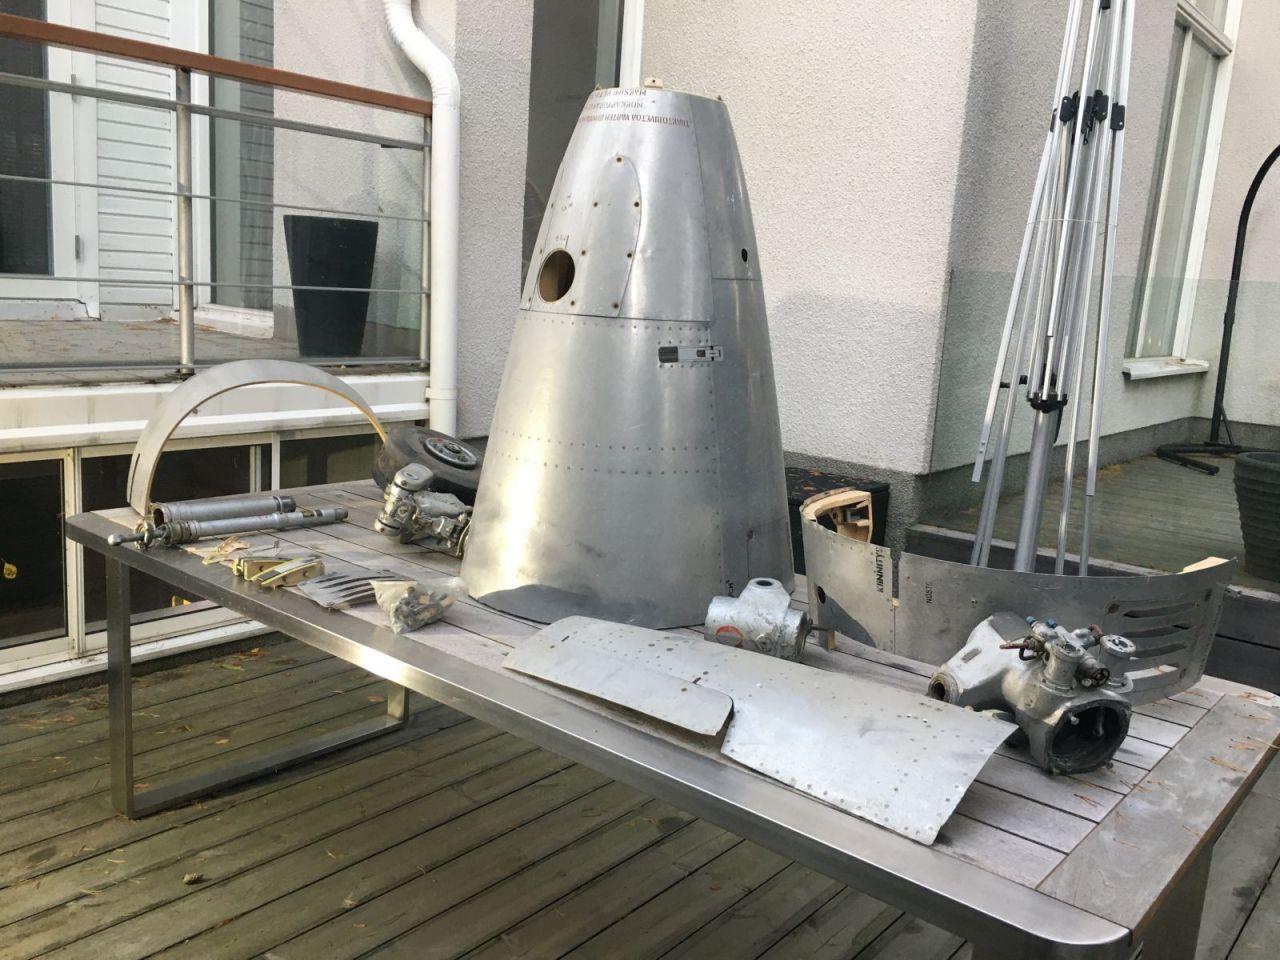 A0FA4402-A92F-47E4-BB7F-3F12459093AD.jpeg